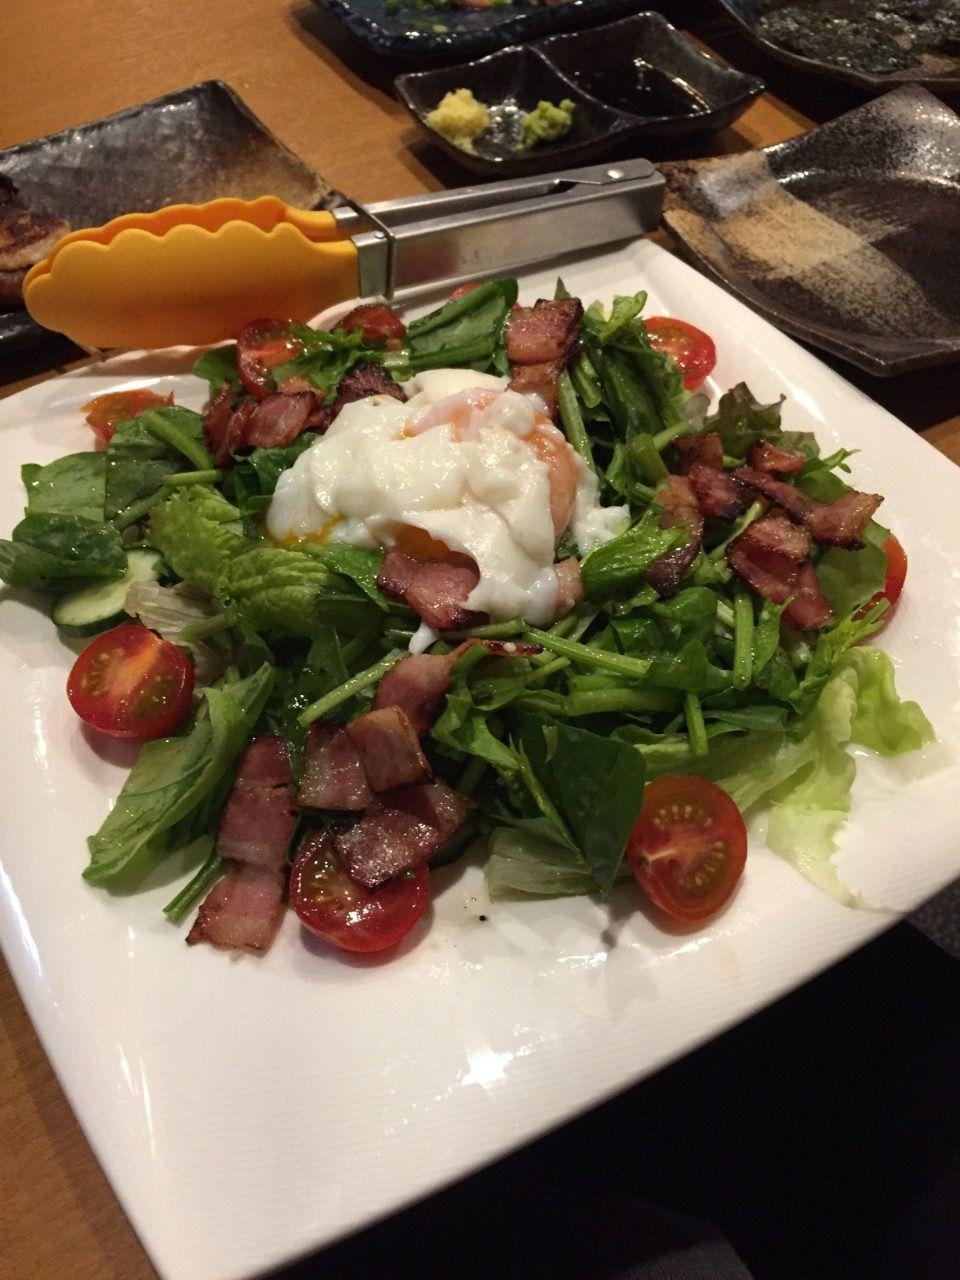 ほうれん草とカリカリベーコンの温玉野菜サラダ650